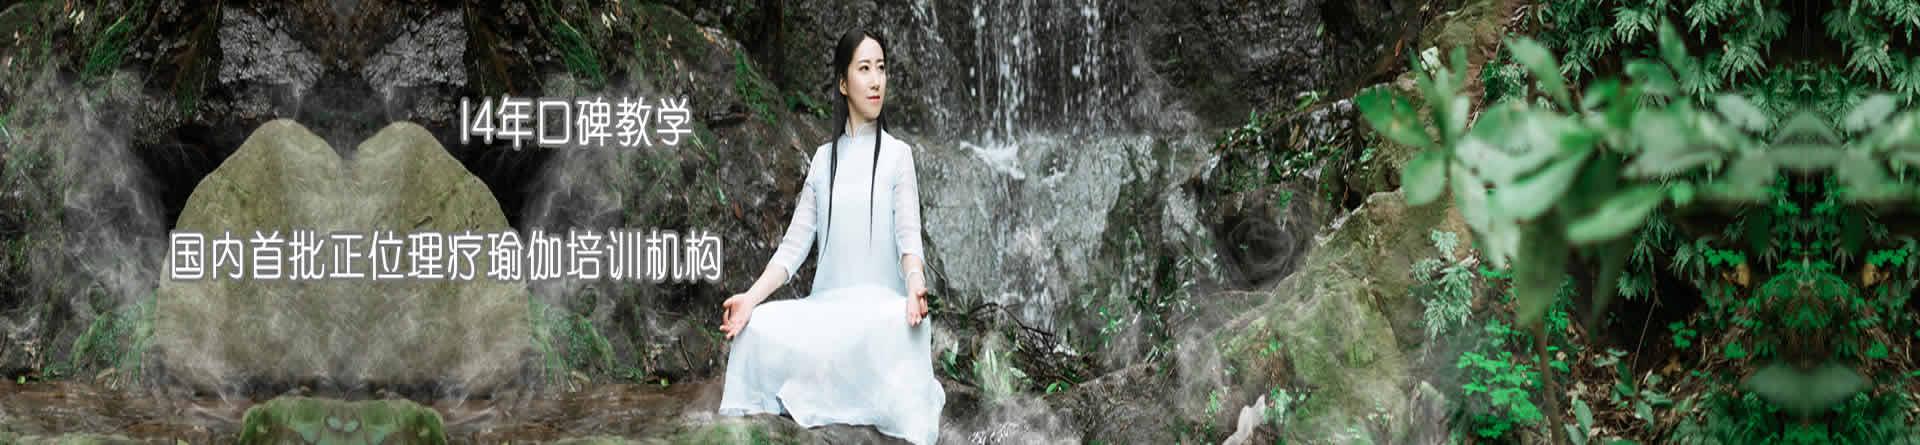 郑州伊之缘瑜伽培训